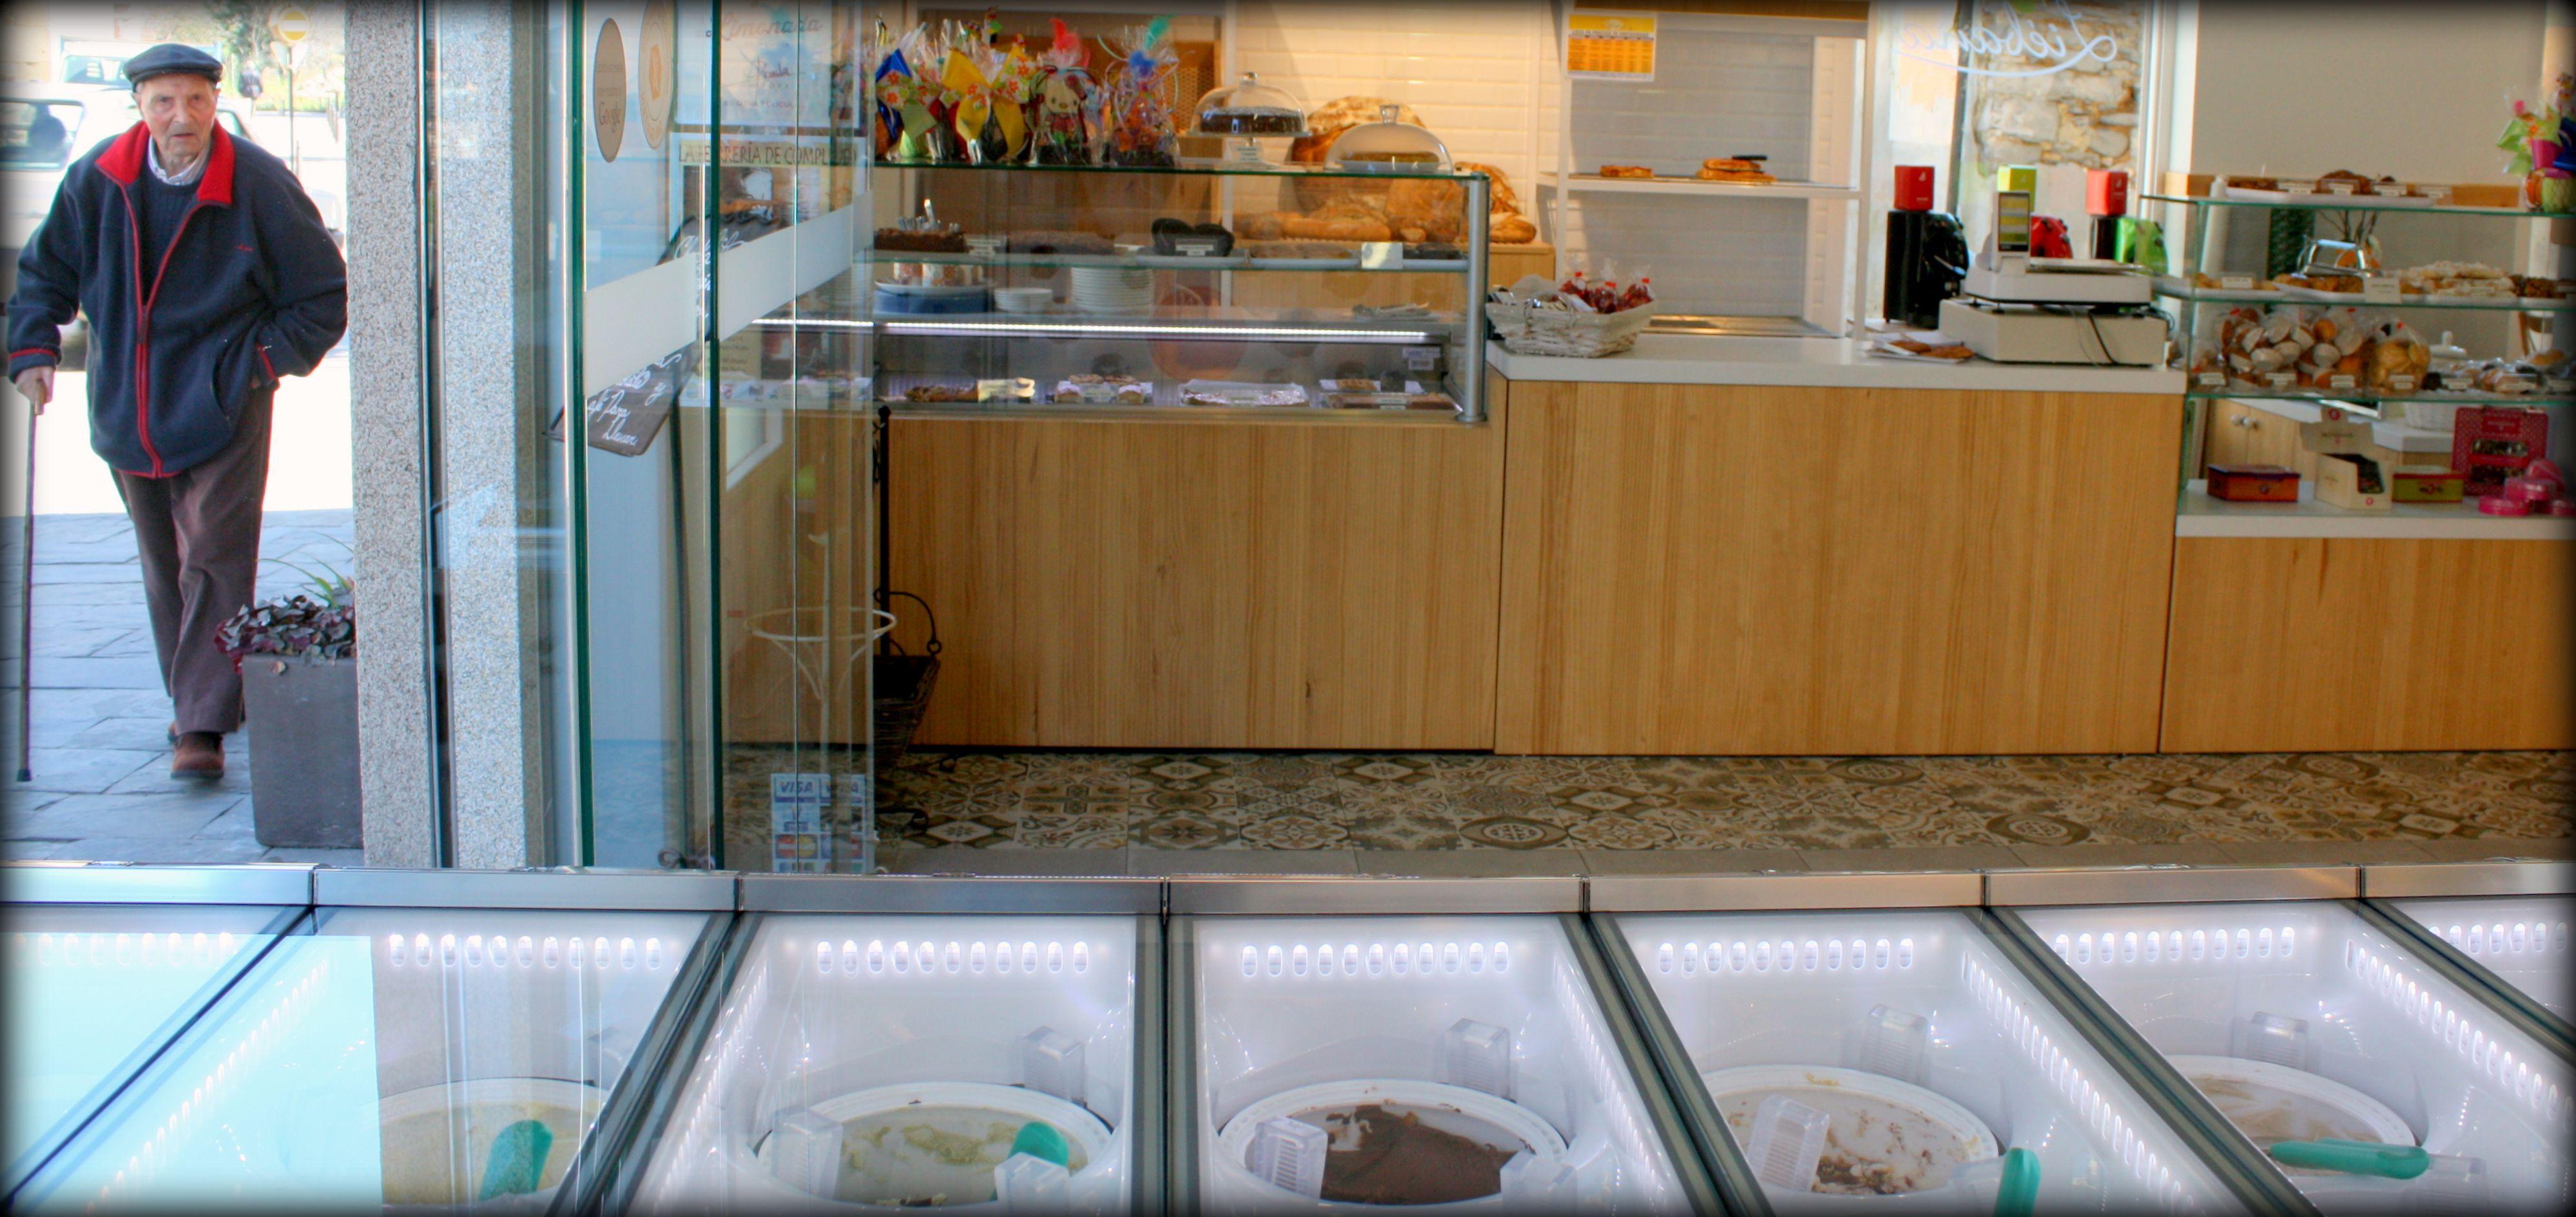 Frente al Castillo de los Templarios, en Liébana podreis degustar 16 sabores diferentes de Bico de Xeado